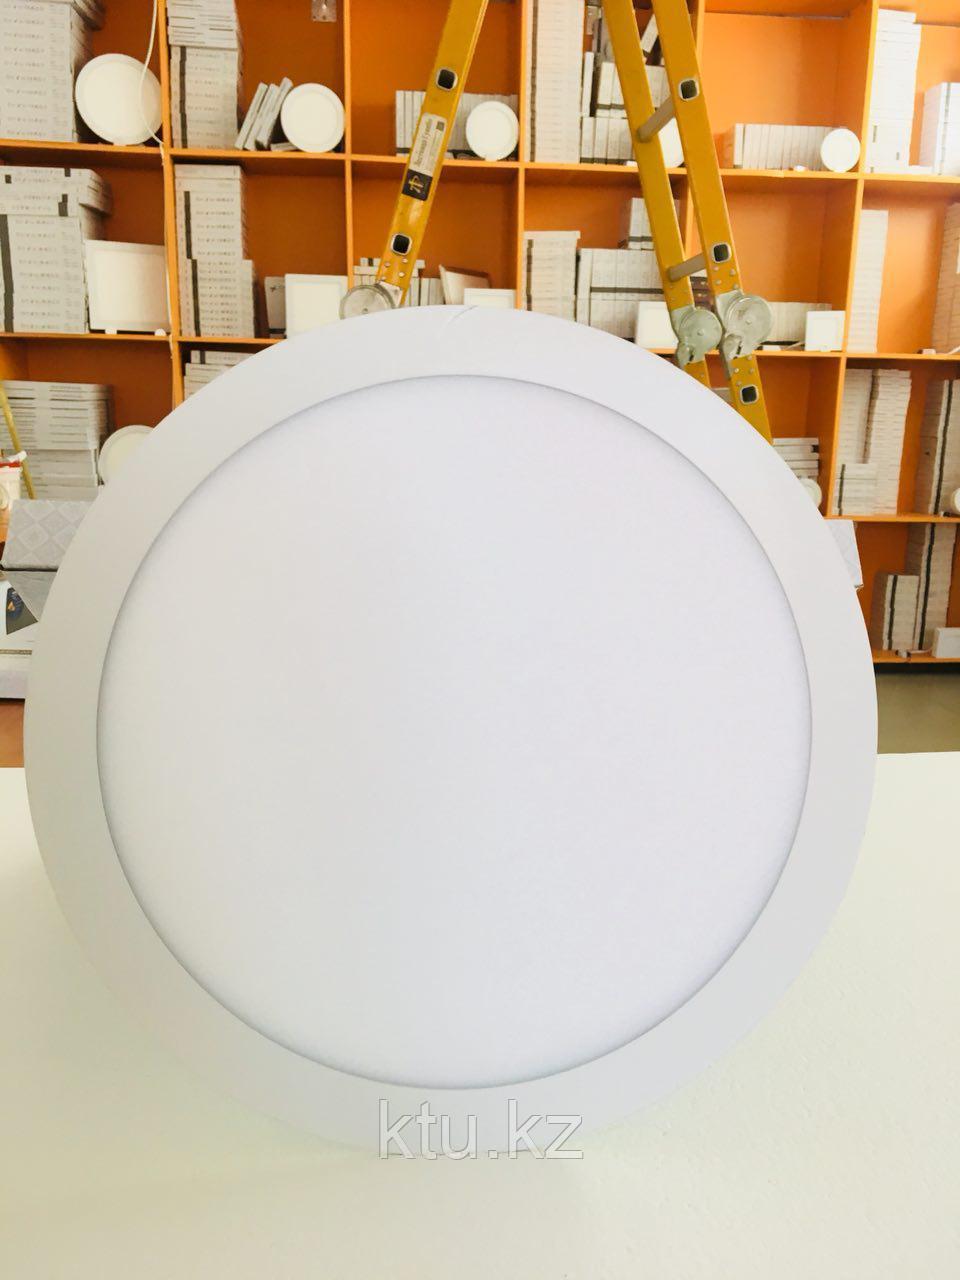 Светильники (споты) для салона красоты JL-F 12W,внутренний 1год гарантия